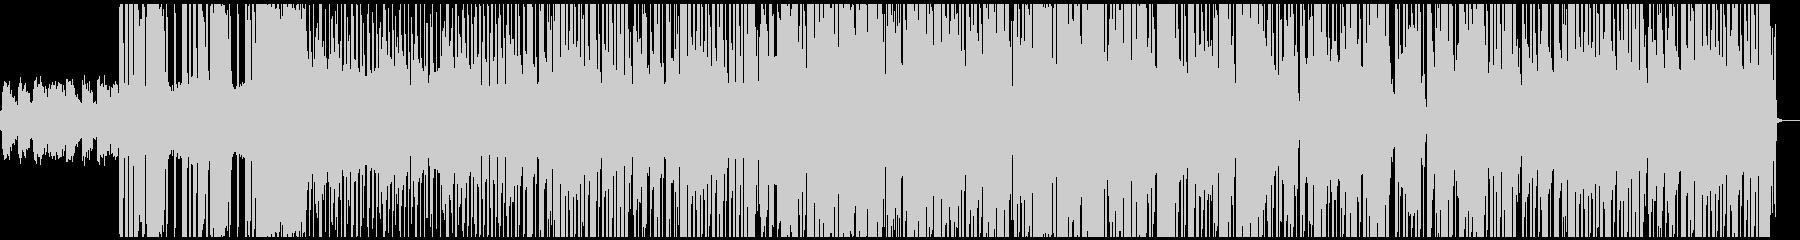 ローファイ、チルアウトなイメージの曲の未再生の波形